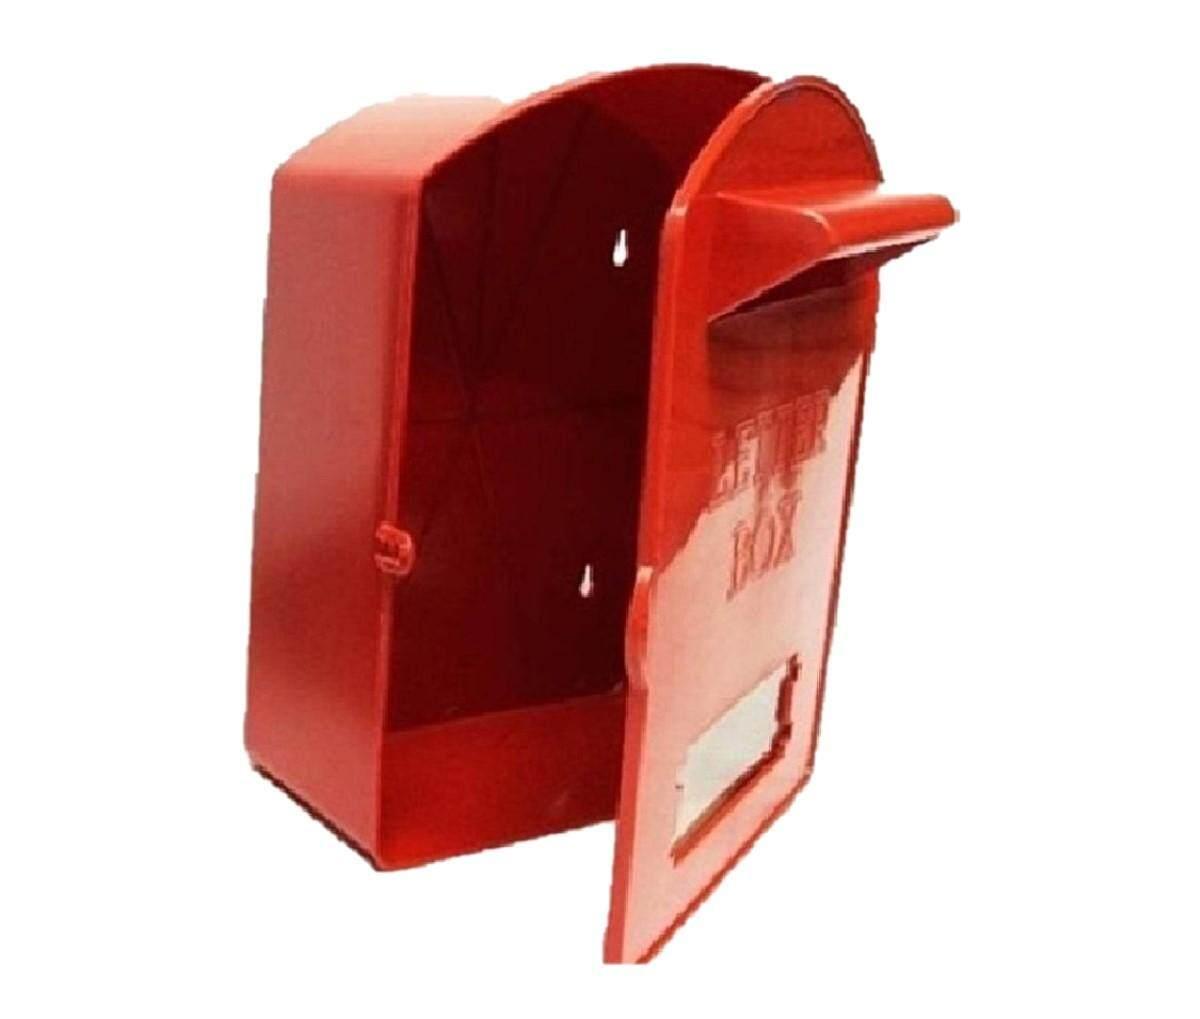 PVC Letter Box/ Mail Box/ Peti Surat Plastik